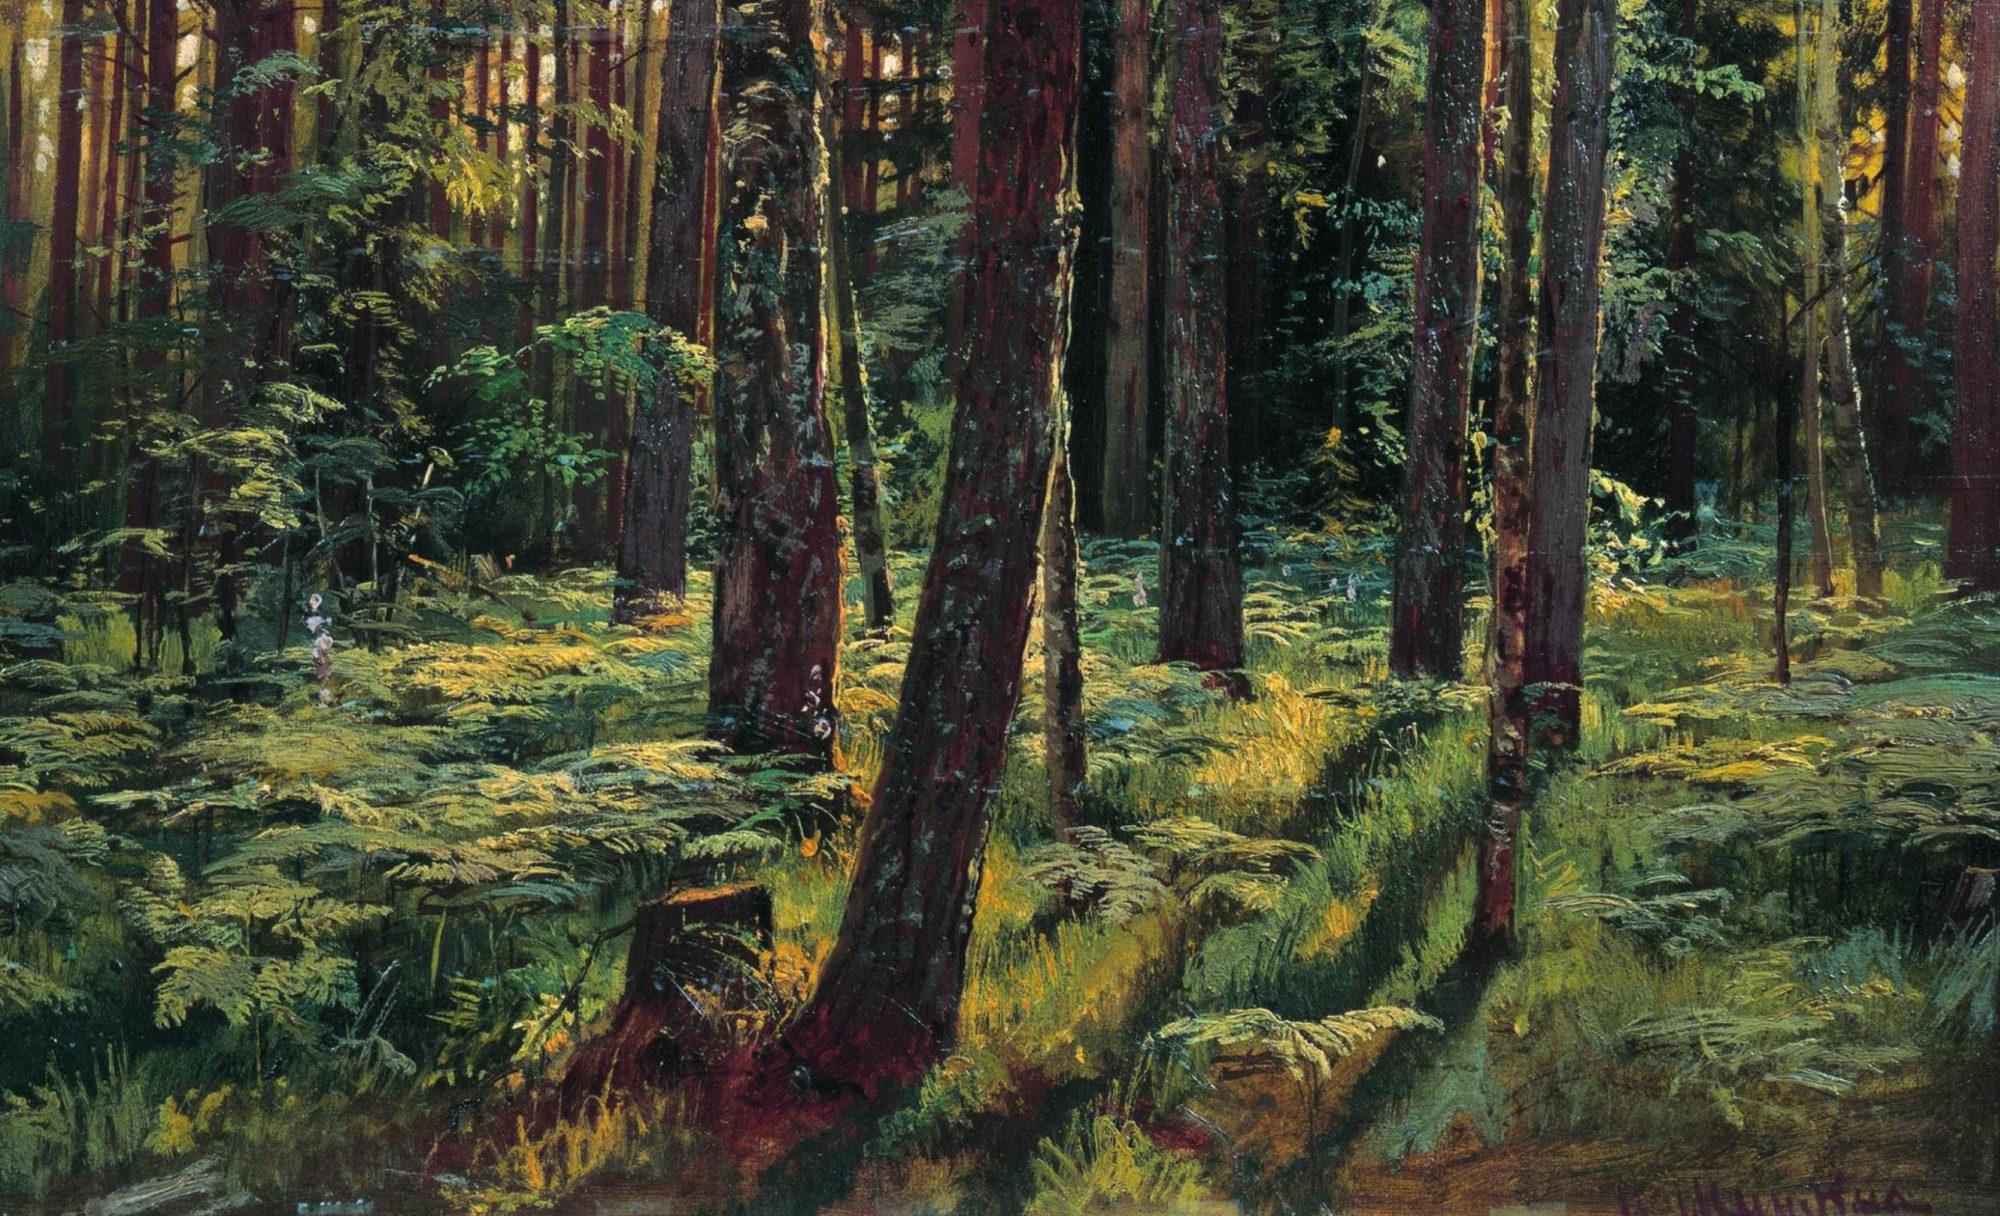 Иван Шишкин, 1883 год, картина «Папоротники в лесу. Сиверская».